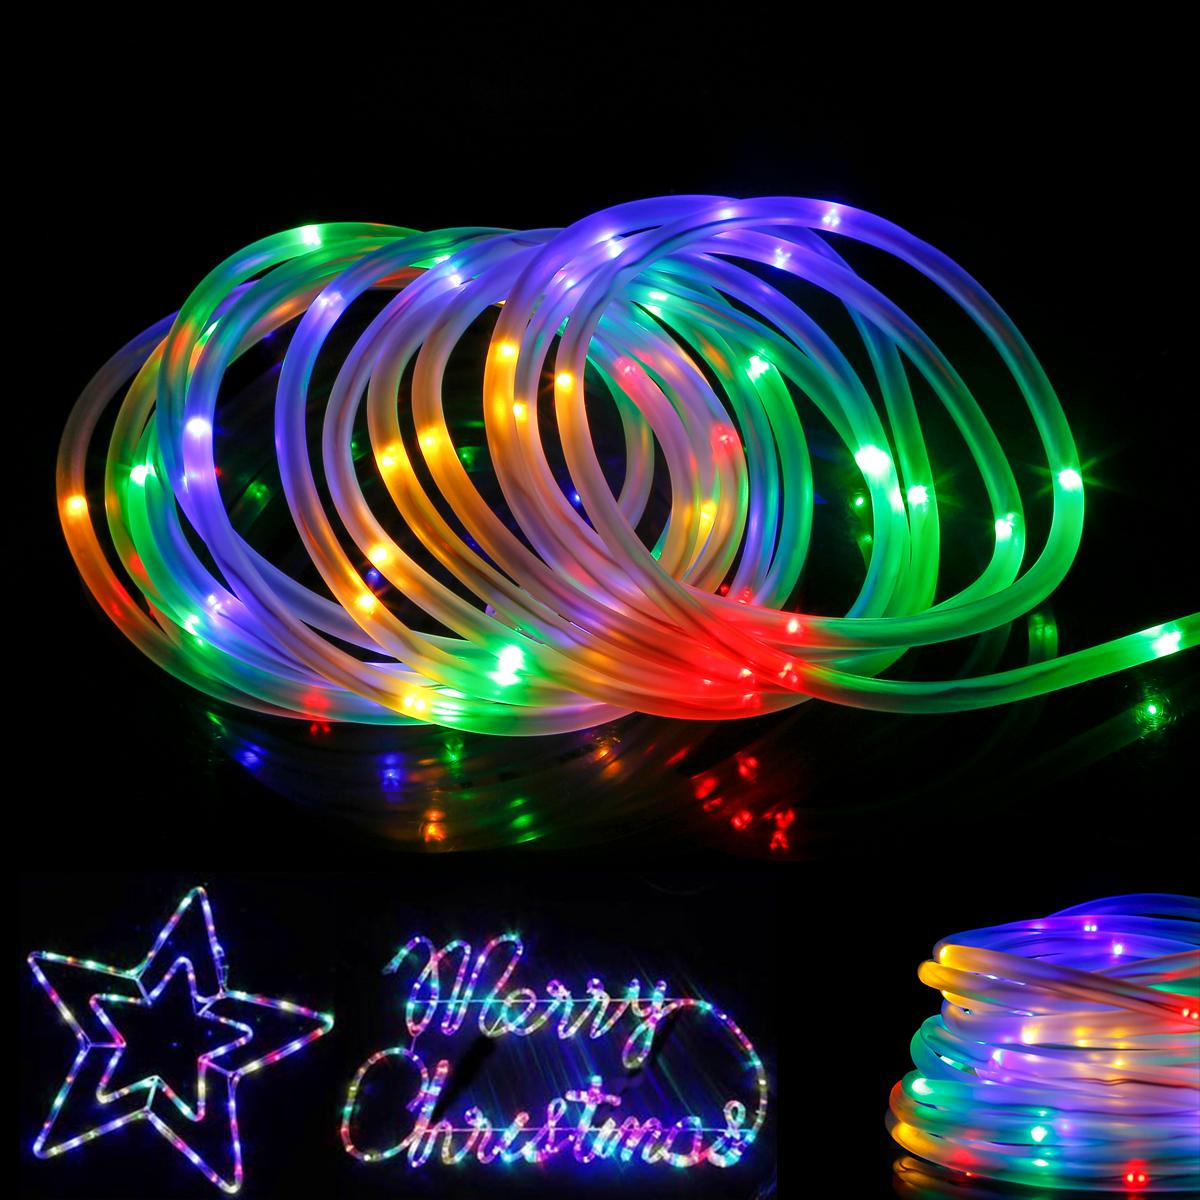 RGB LED Lichterschlauch, 10M Mehrfarbig 120er LEDs, 8 Modi mit Memory-Funktion für Innen/ Au?en Party Weihnachten Dekolicht